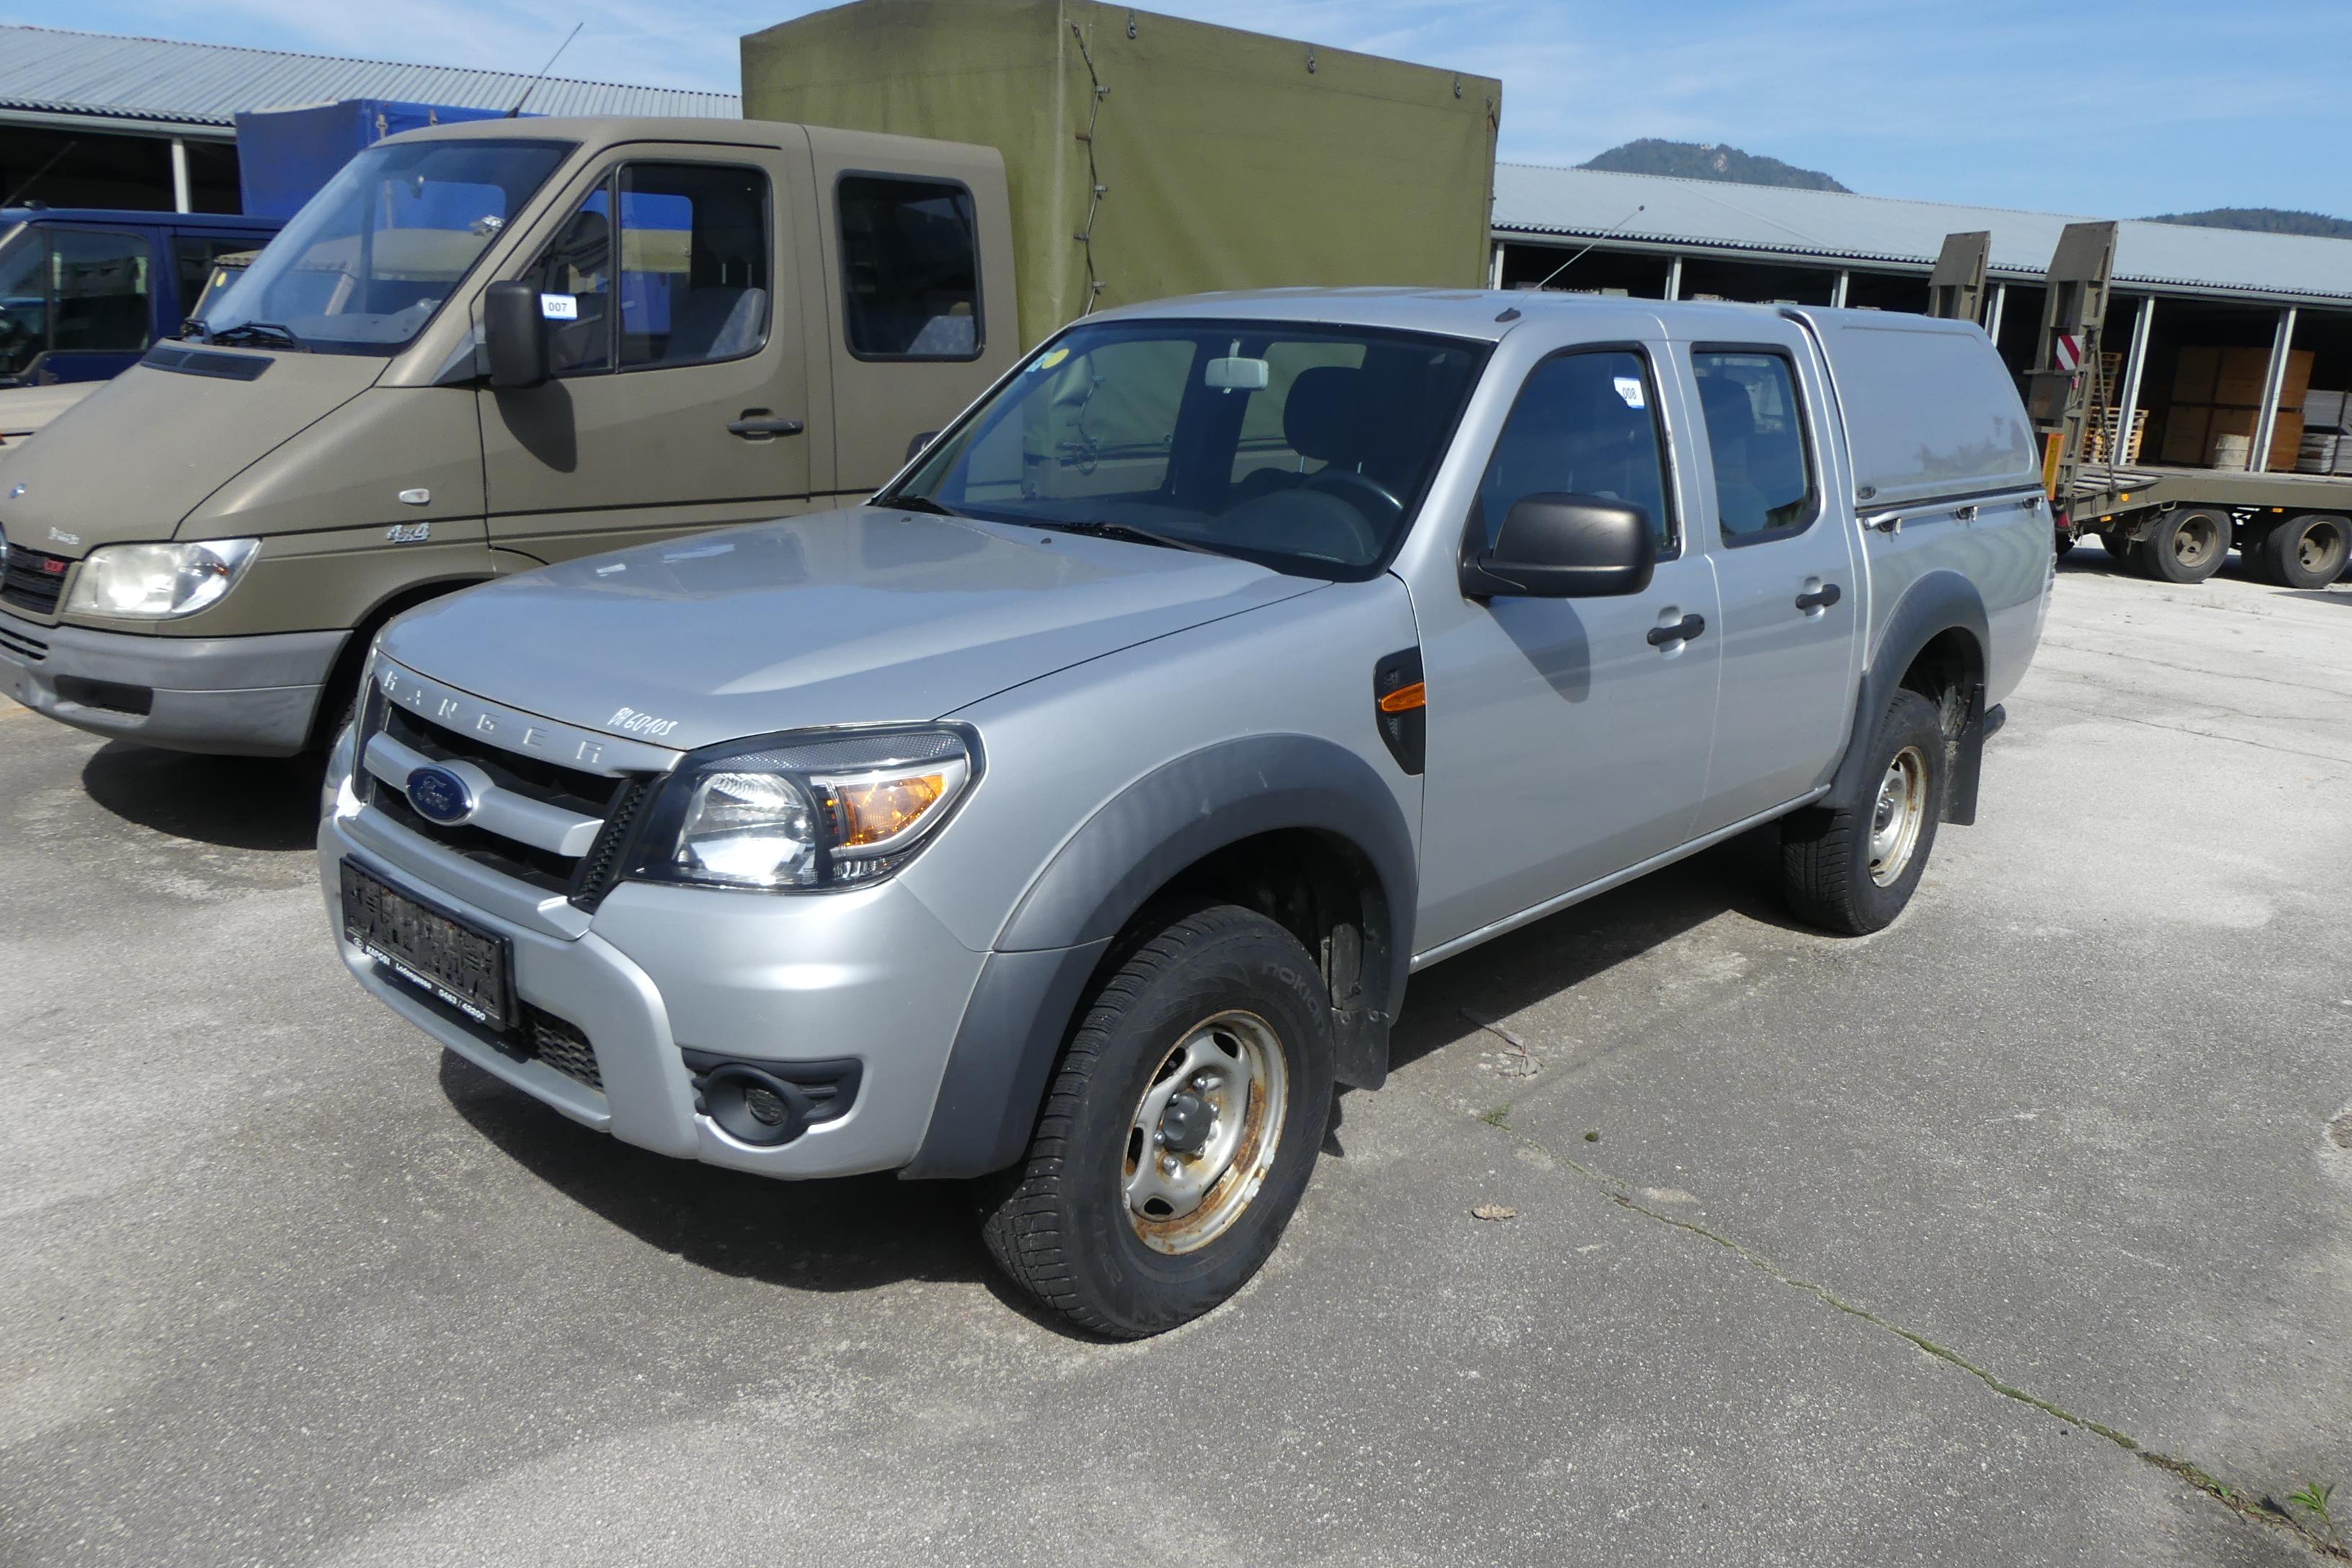 LKW (N1) Ford Ranger Doppelkabine